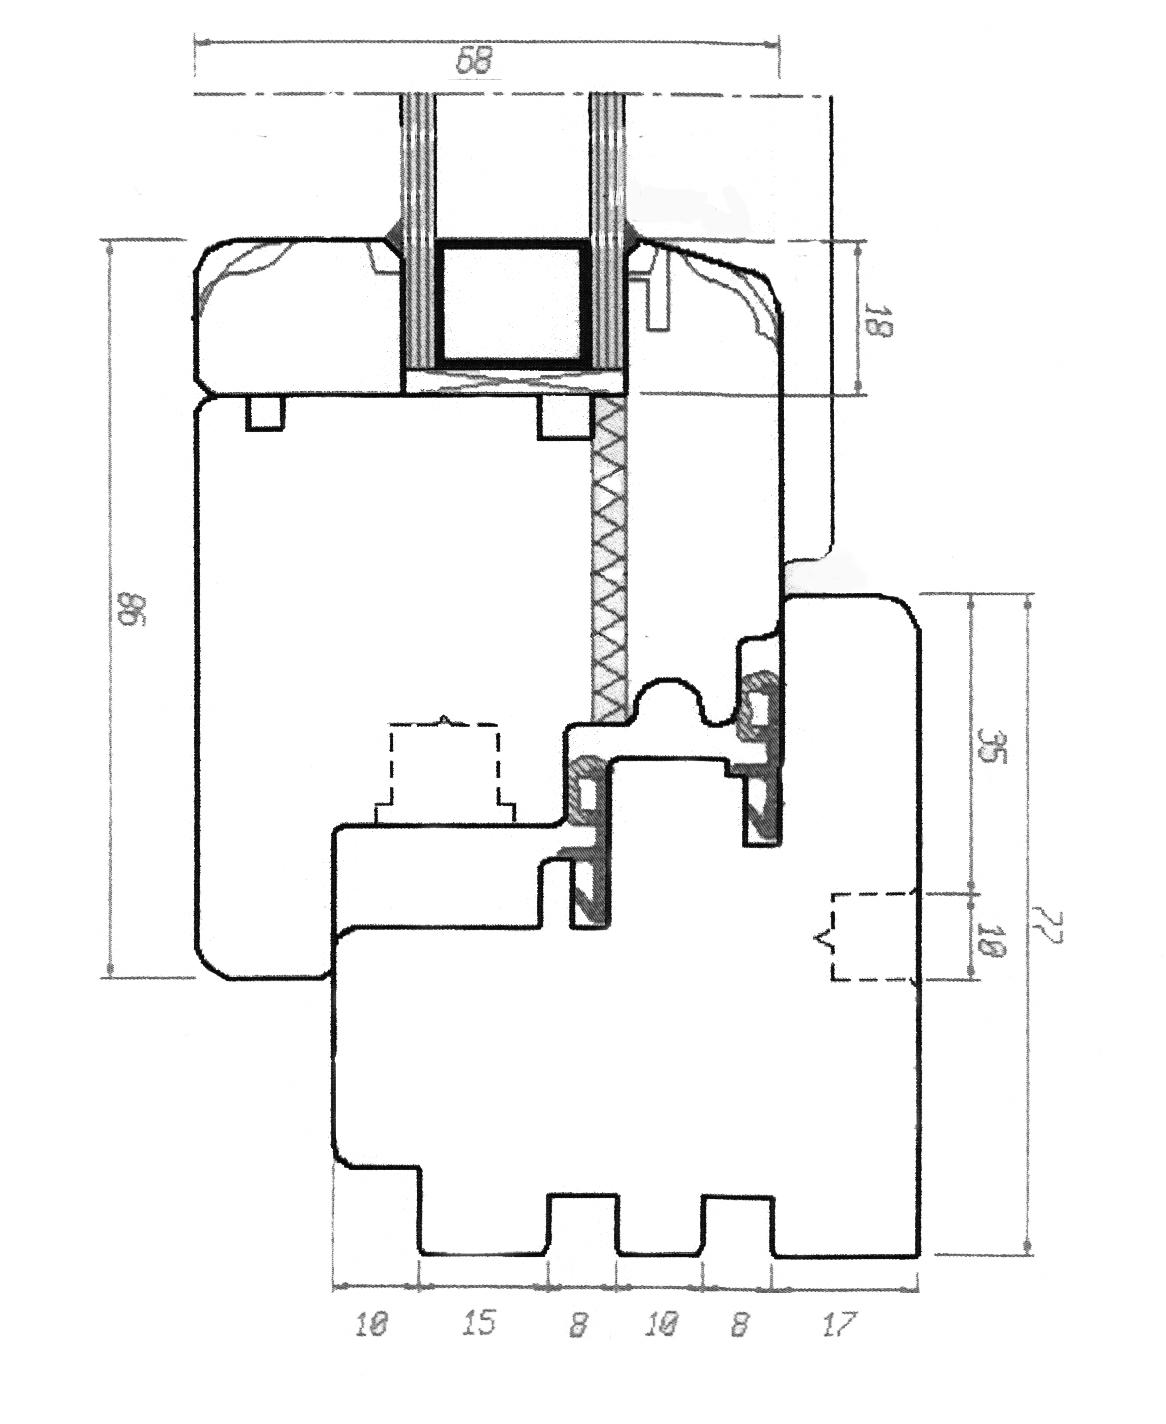 Casa immobiliare accessori vetrocamera basso emissivo - Vetrocamera basso emissivo ...